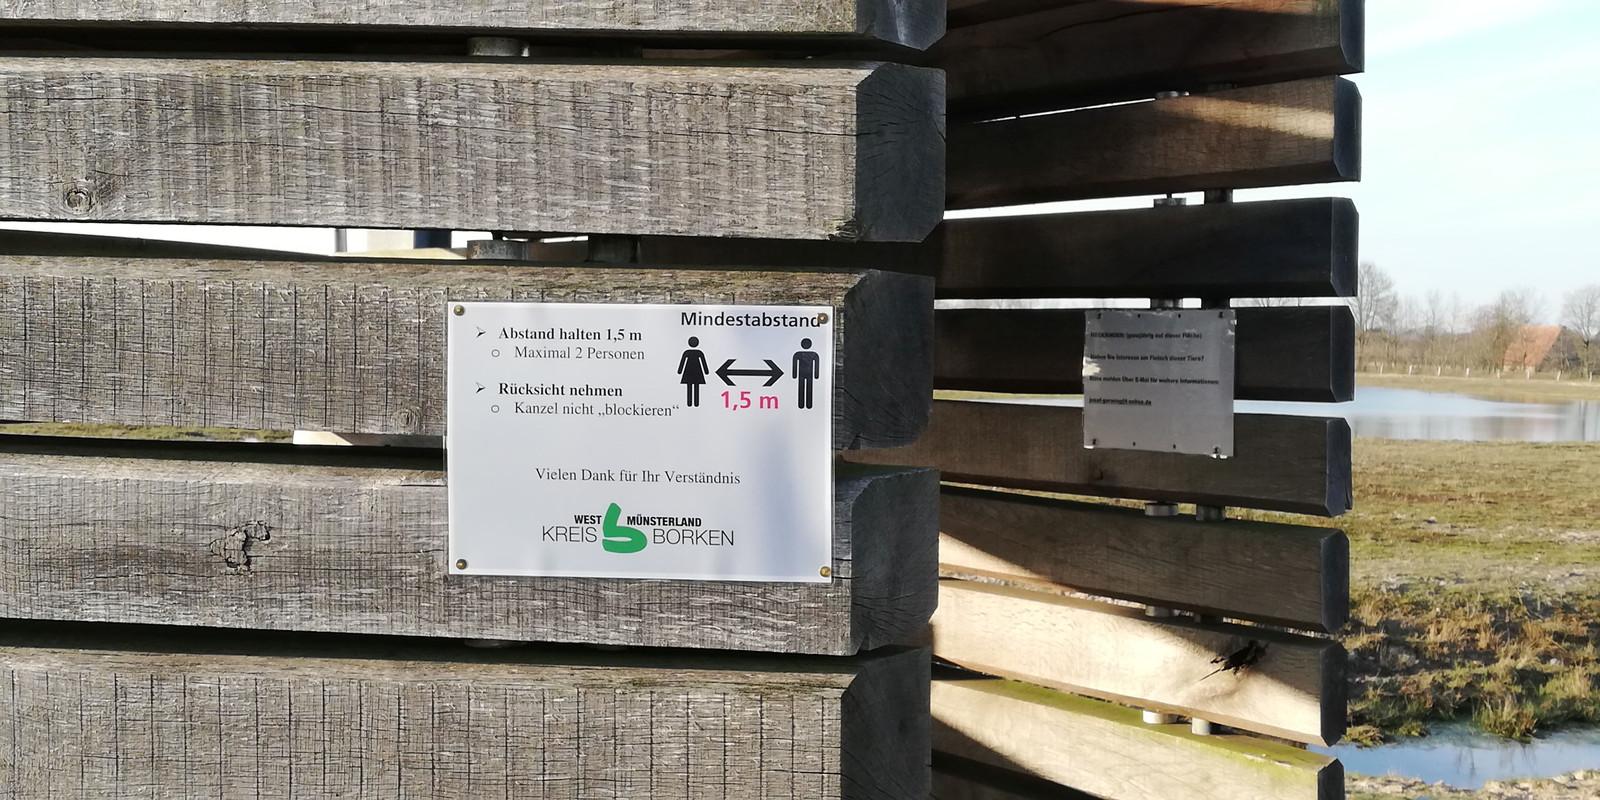 Bij uitkijkpunten in Duitse natuurgebieden vlak over de grens hangen nu borden met informatie over de afstandsregels. @ Kreis Borken